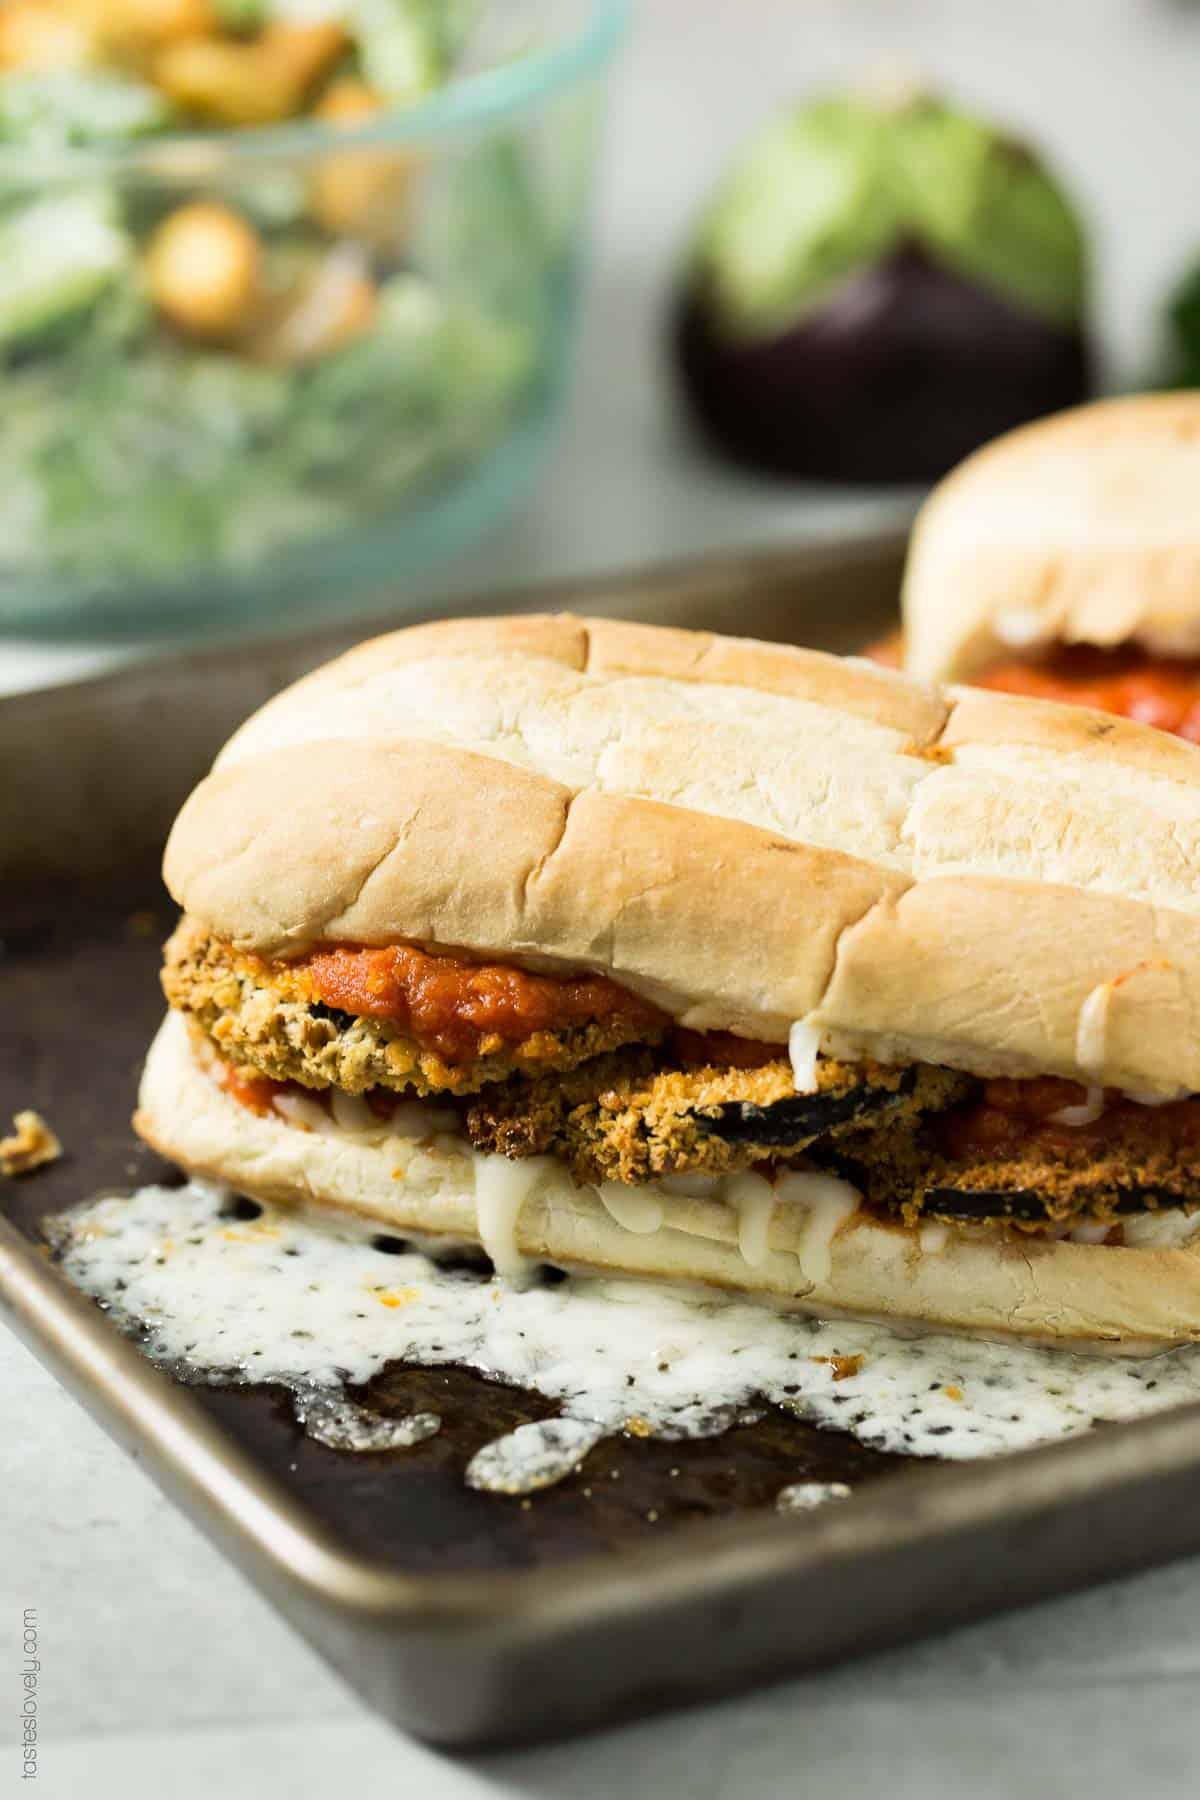 Vegan Crunchy Baked Eggplant Sandwich Melts-1